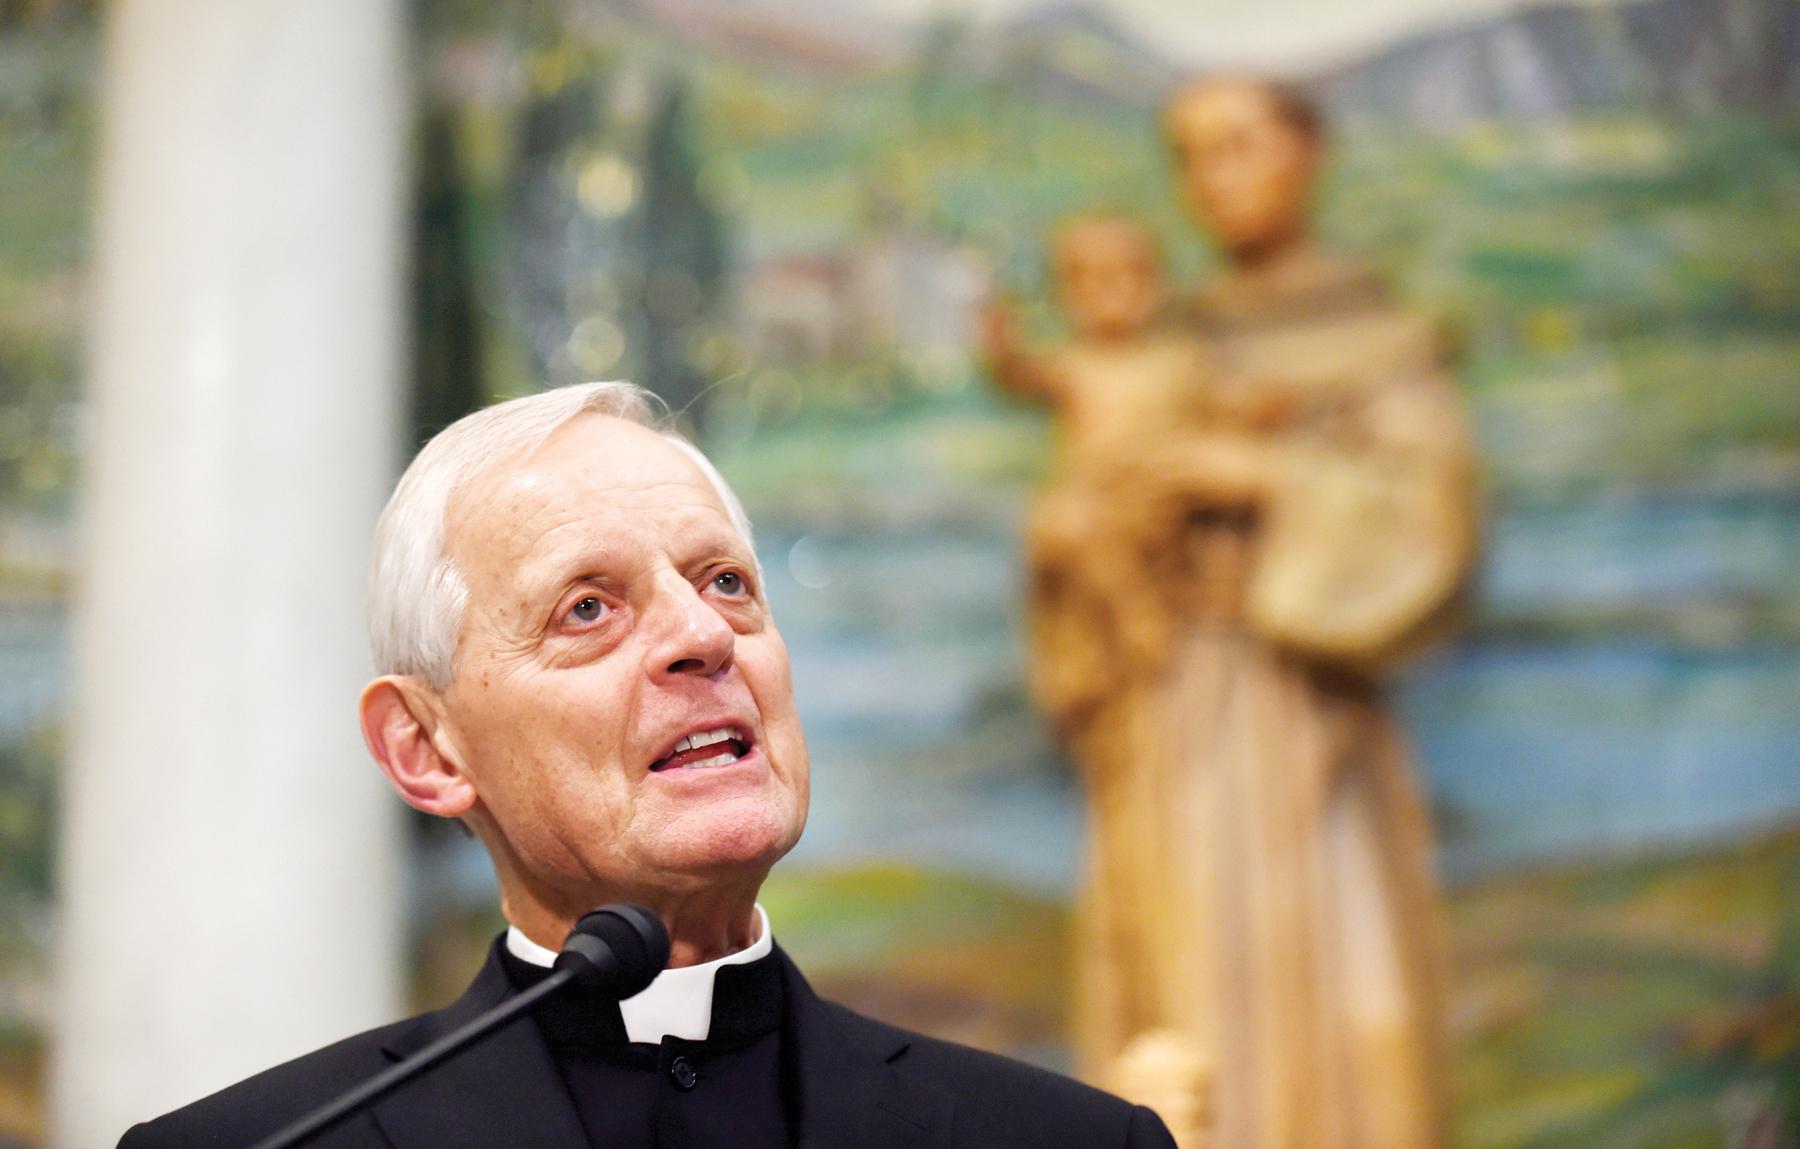 Más acciones contra abusos pide Arzobispo de Washington